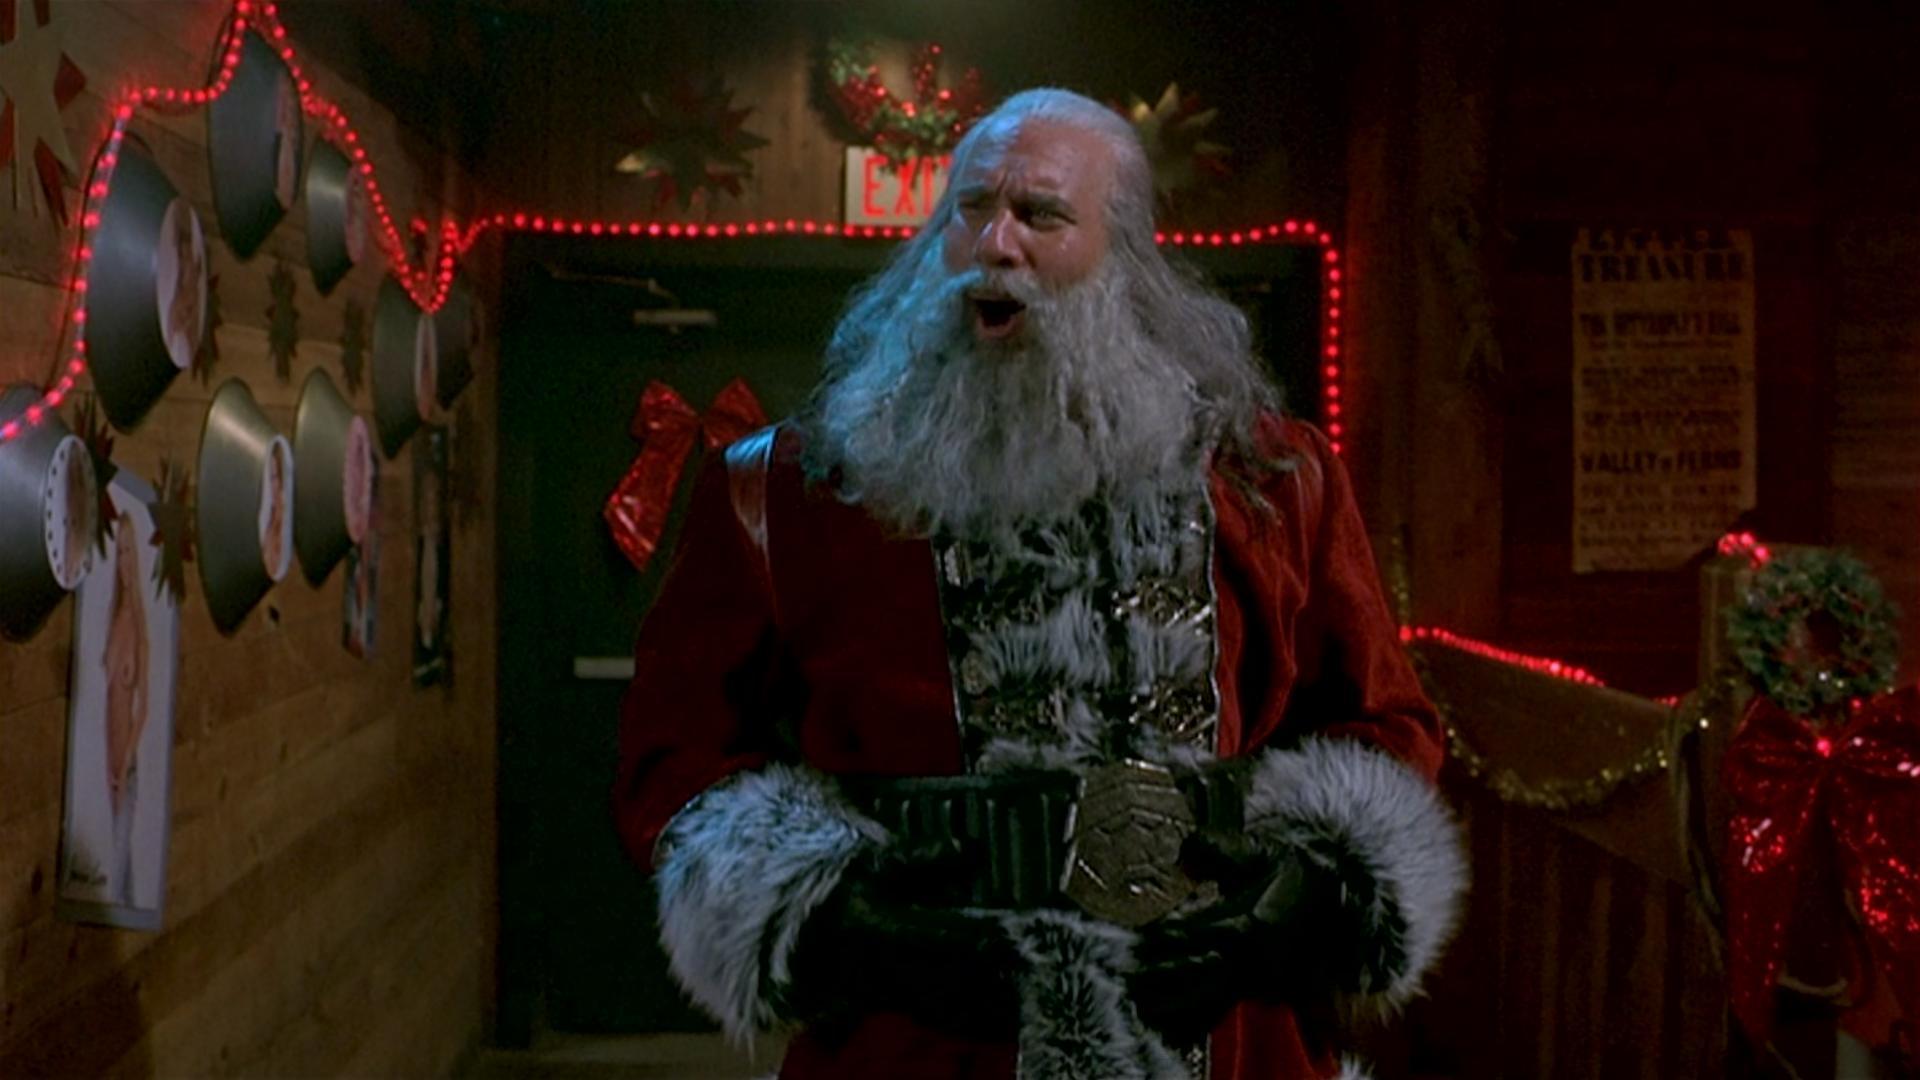 Regarder Very Bad Santa en streaming gratuit